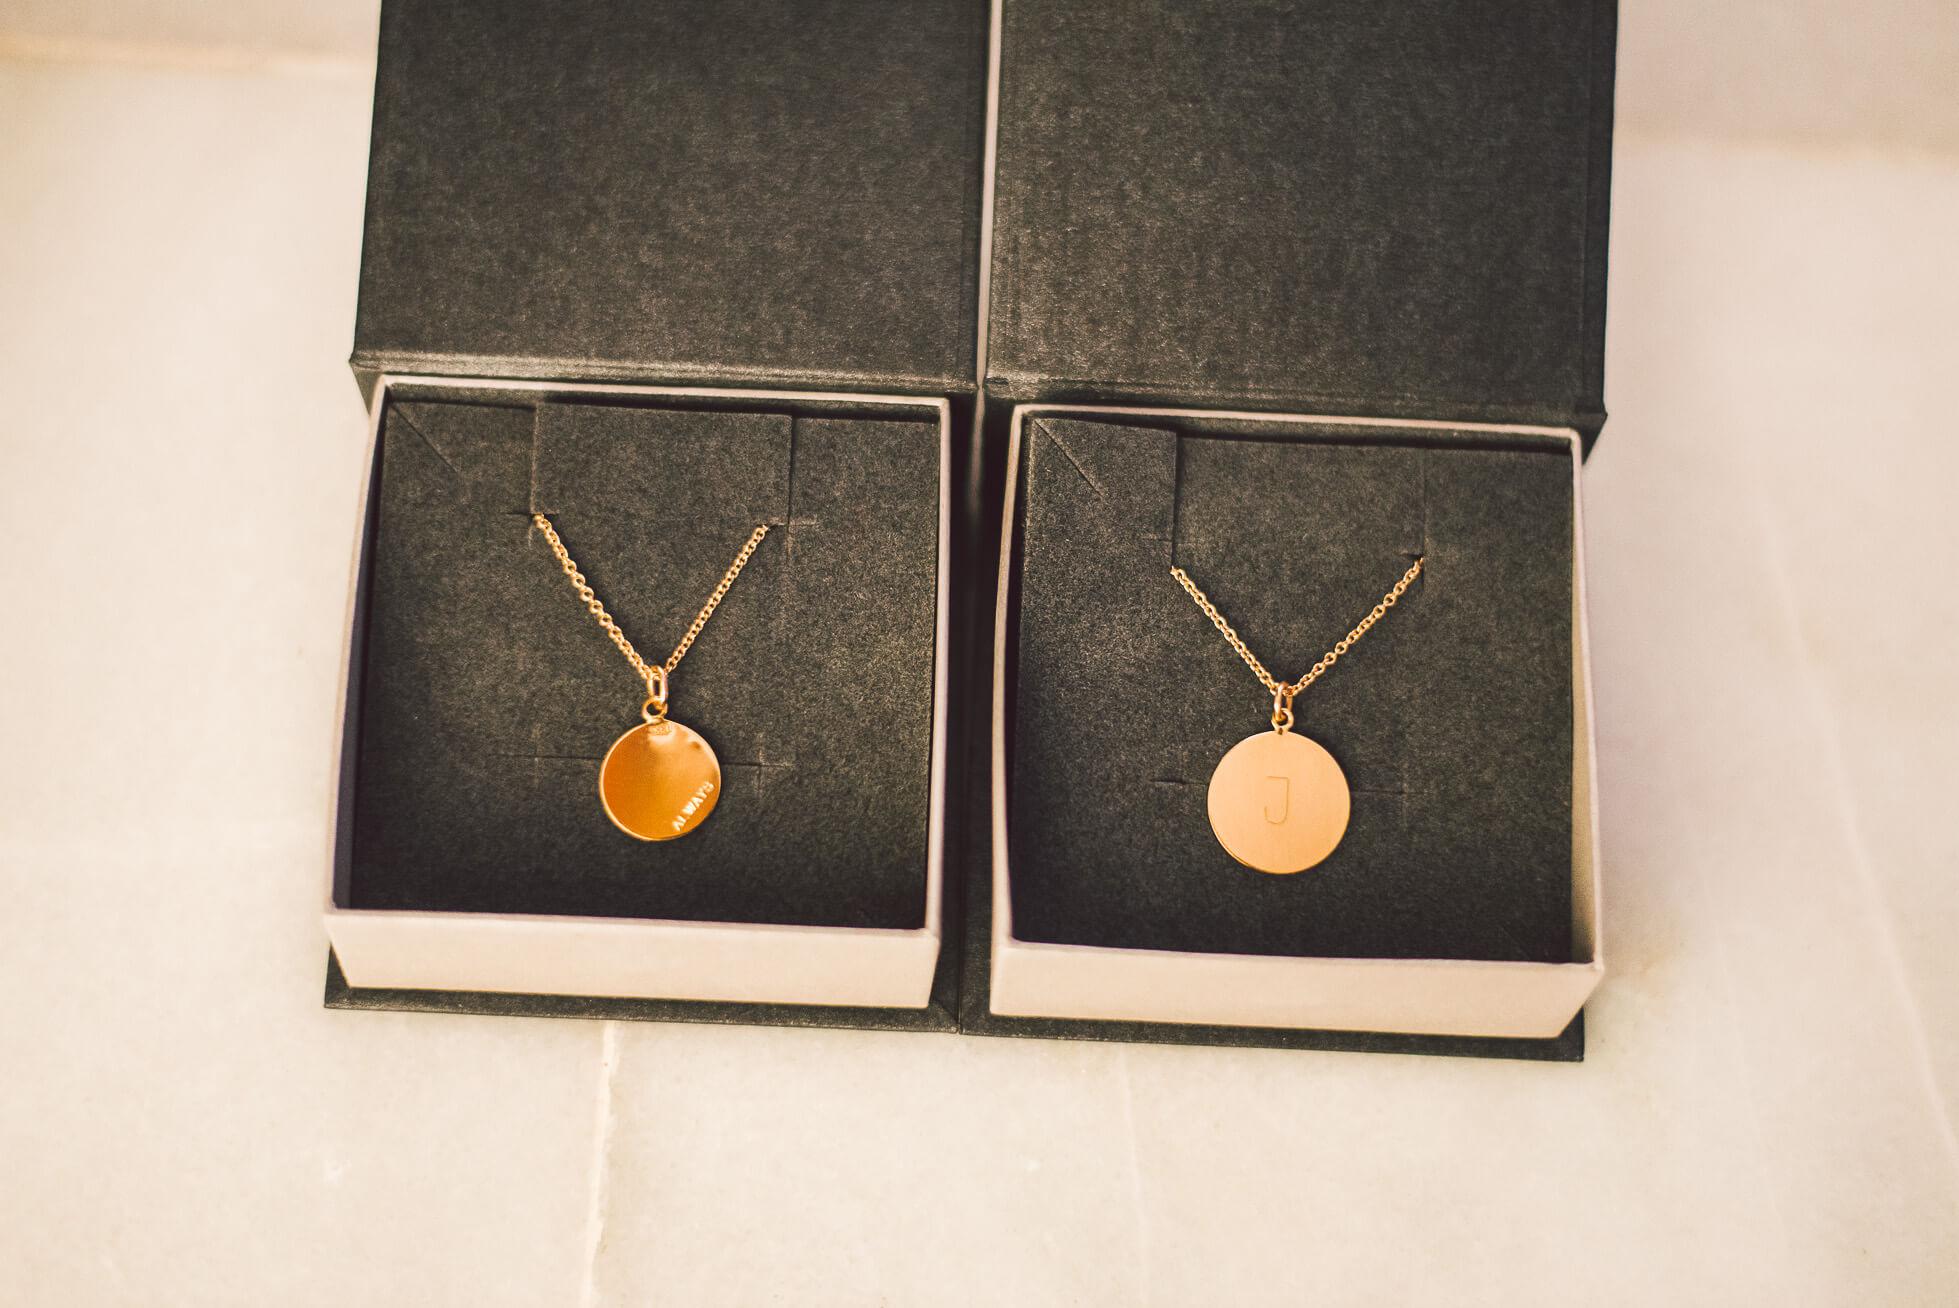 janni-deler-necklace_DSC8570